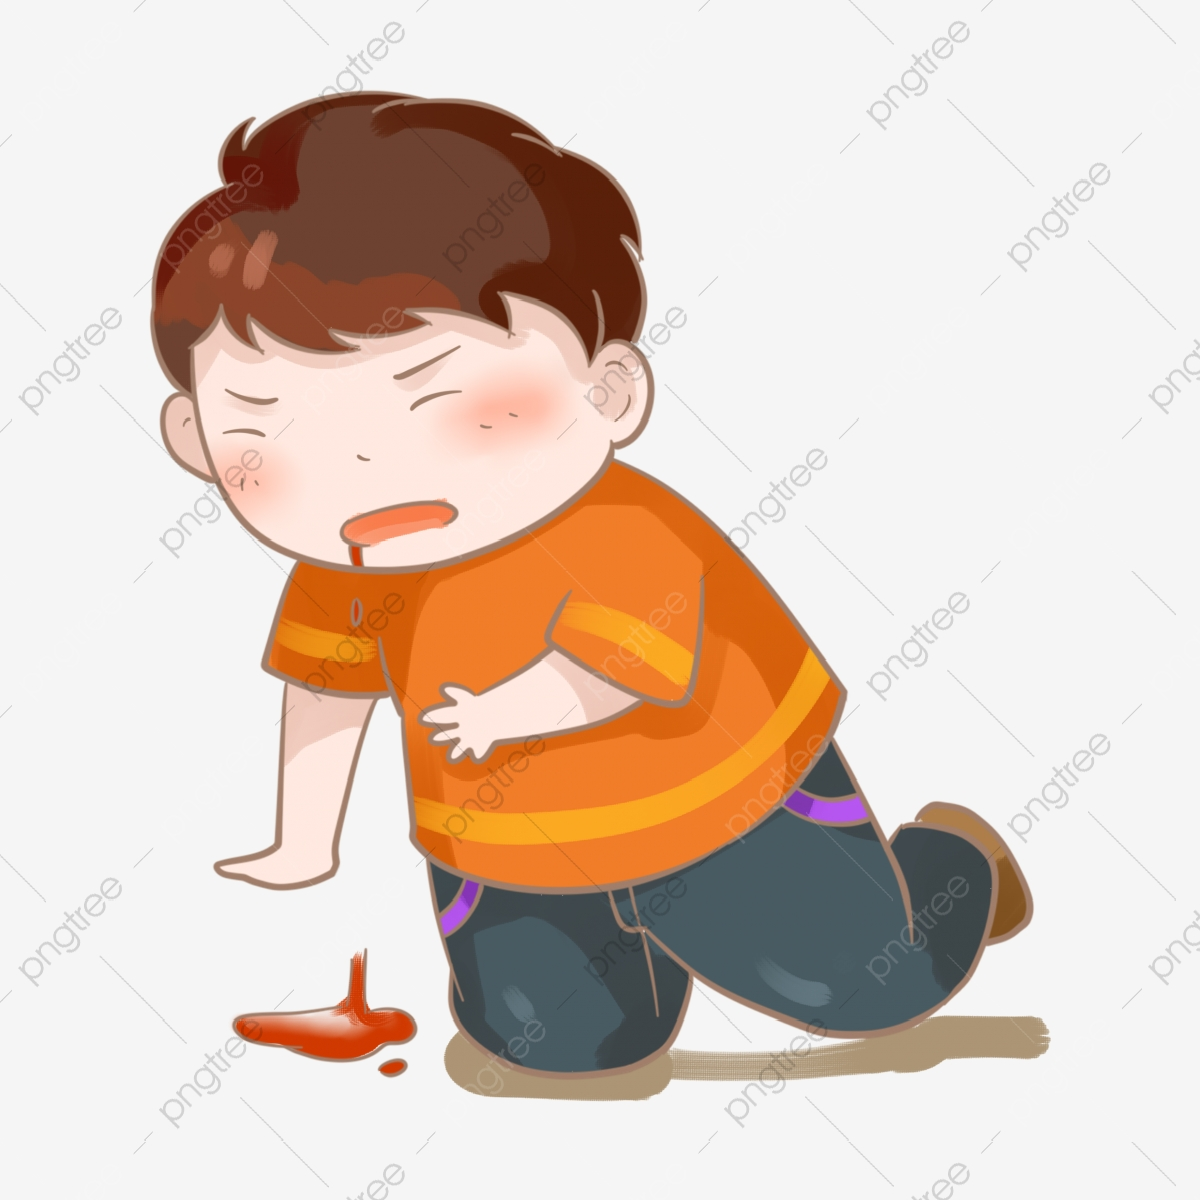 Sakit Sakit Tidak Nyaman Menjilat Dada Muntah Dada Kecil